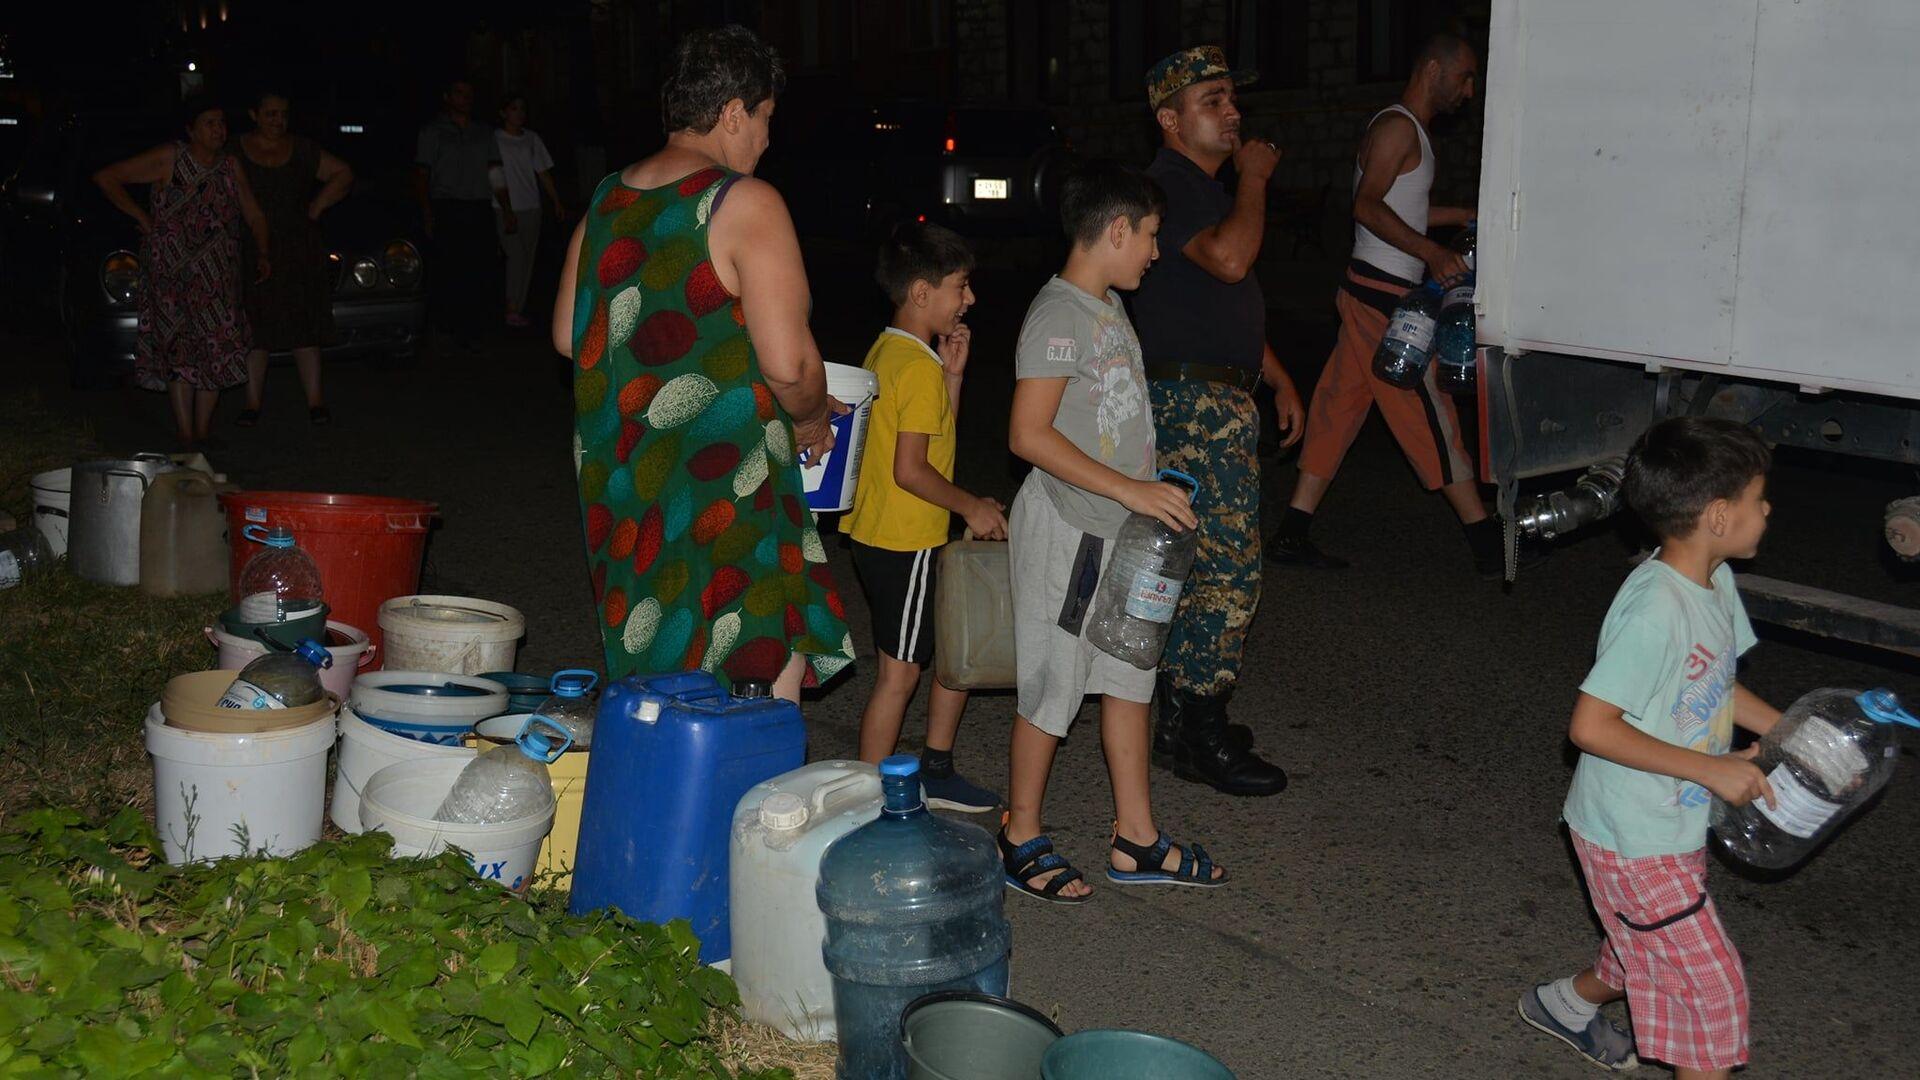 МЧС Карабаха помогает жителям с питьевой водой - Sputnik Արմենիա, 1920, 13.08.2021